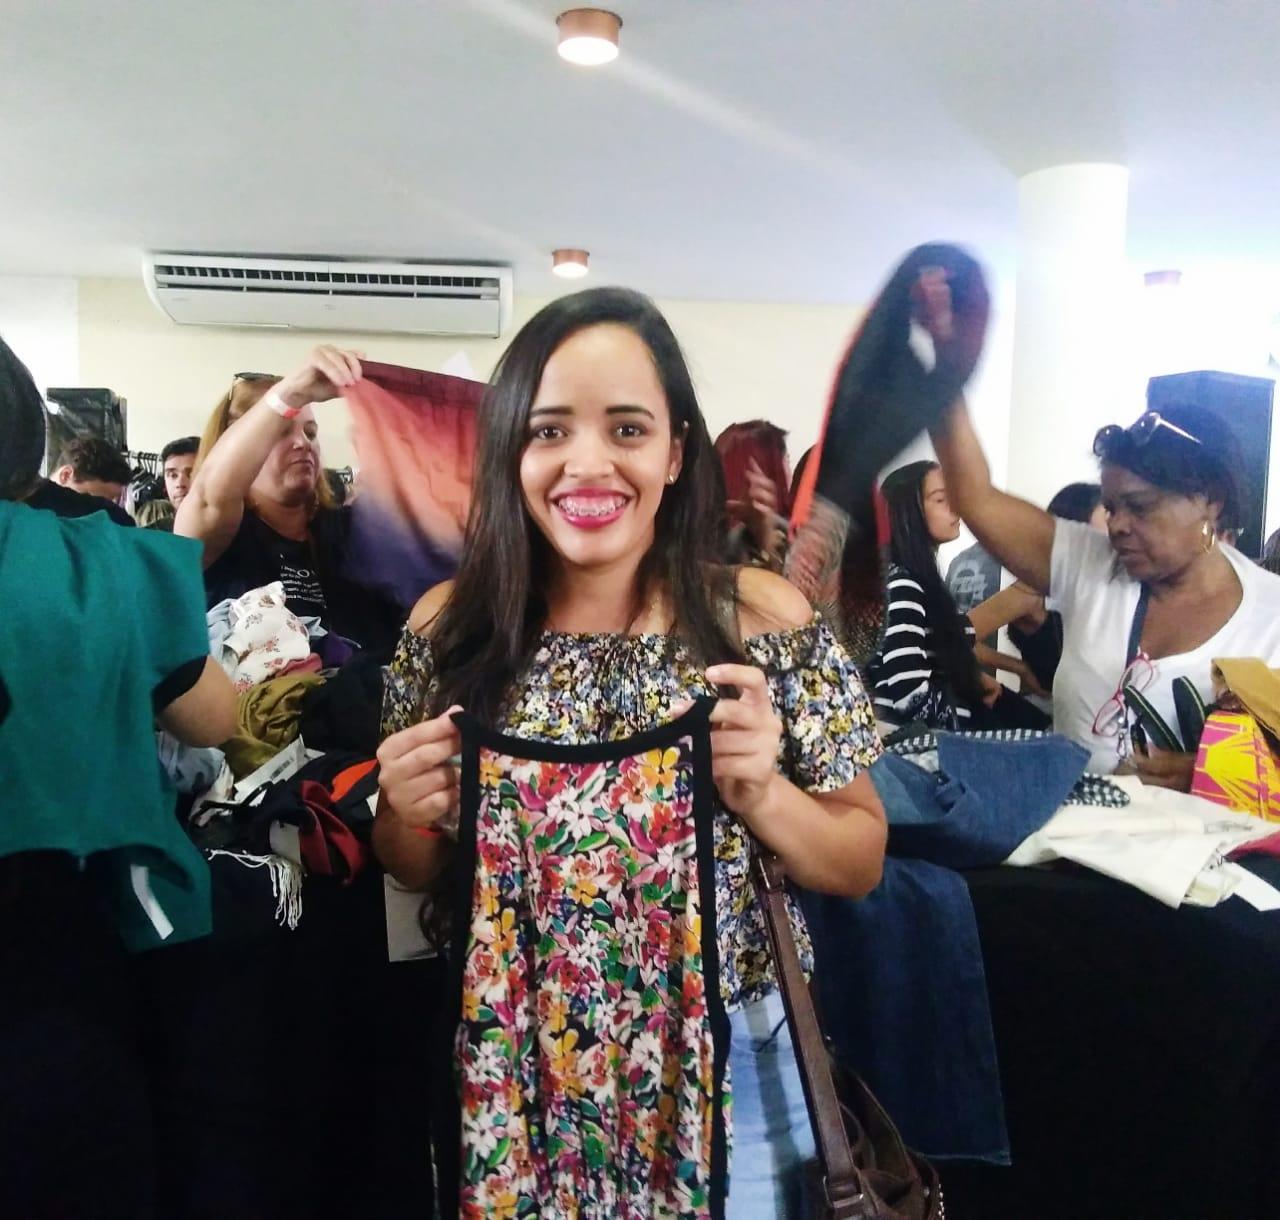 Letícia Ramos Soares - Foto: Gabrielle Araujo